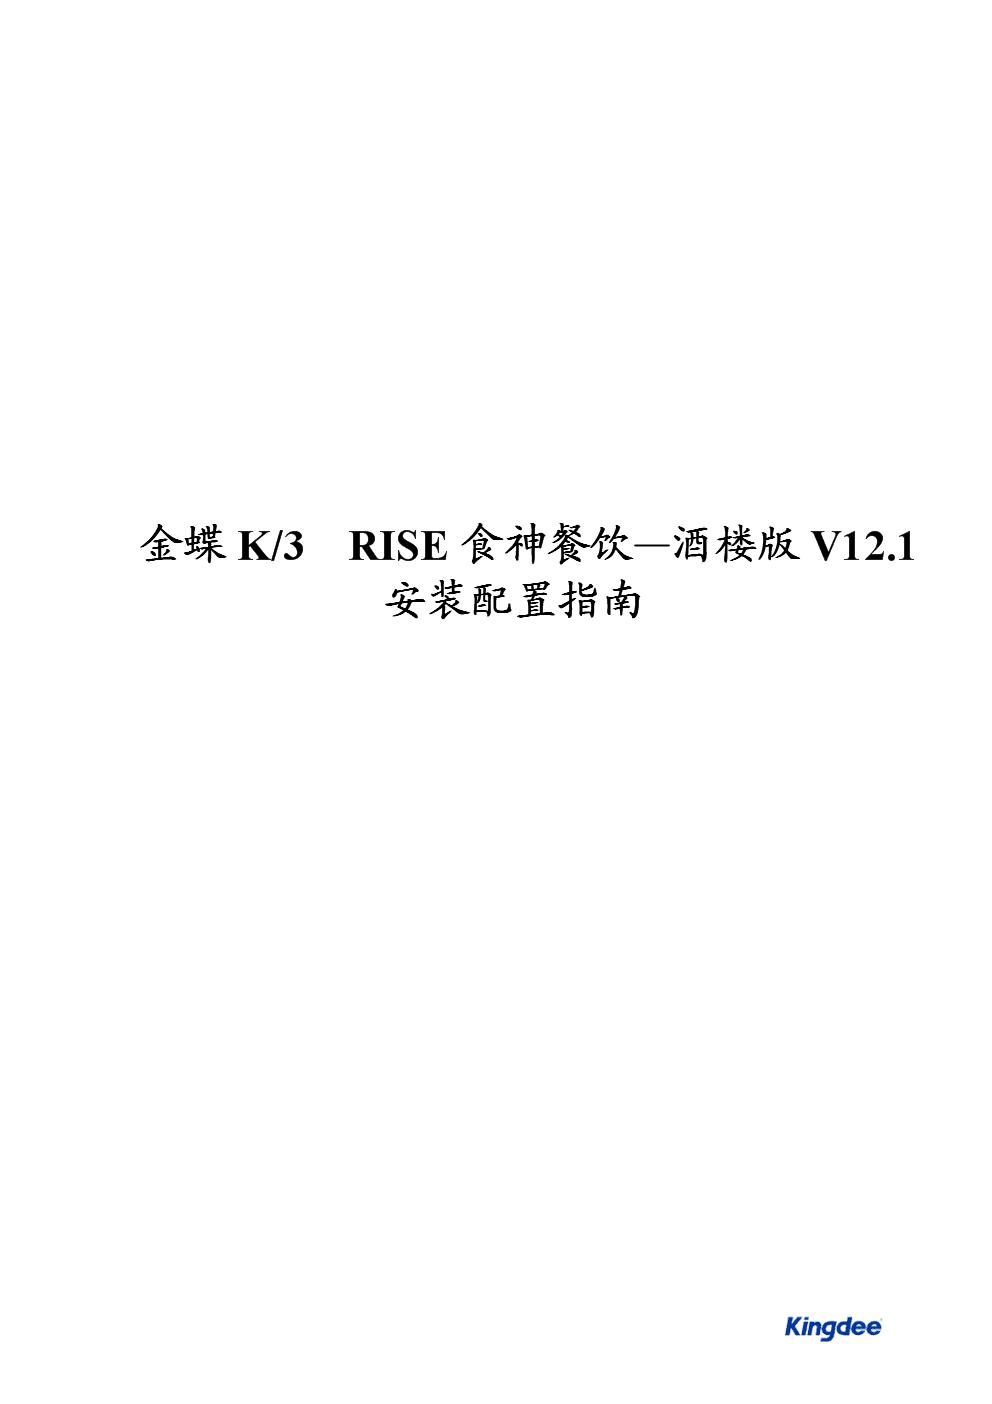 金蝶K3 RISE食神餐饮—酒楼版V12.1安装配置指南.doc